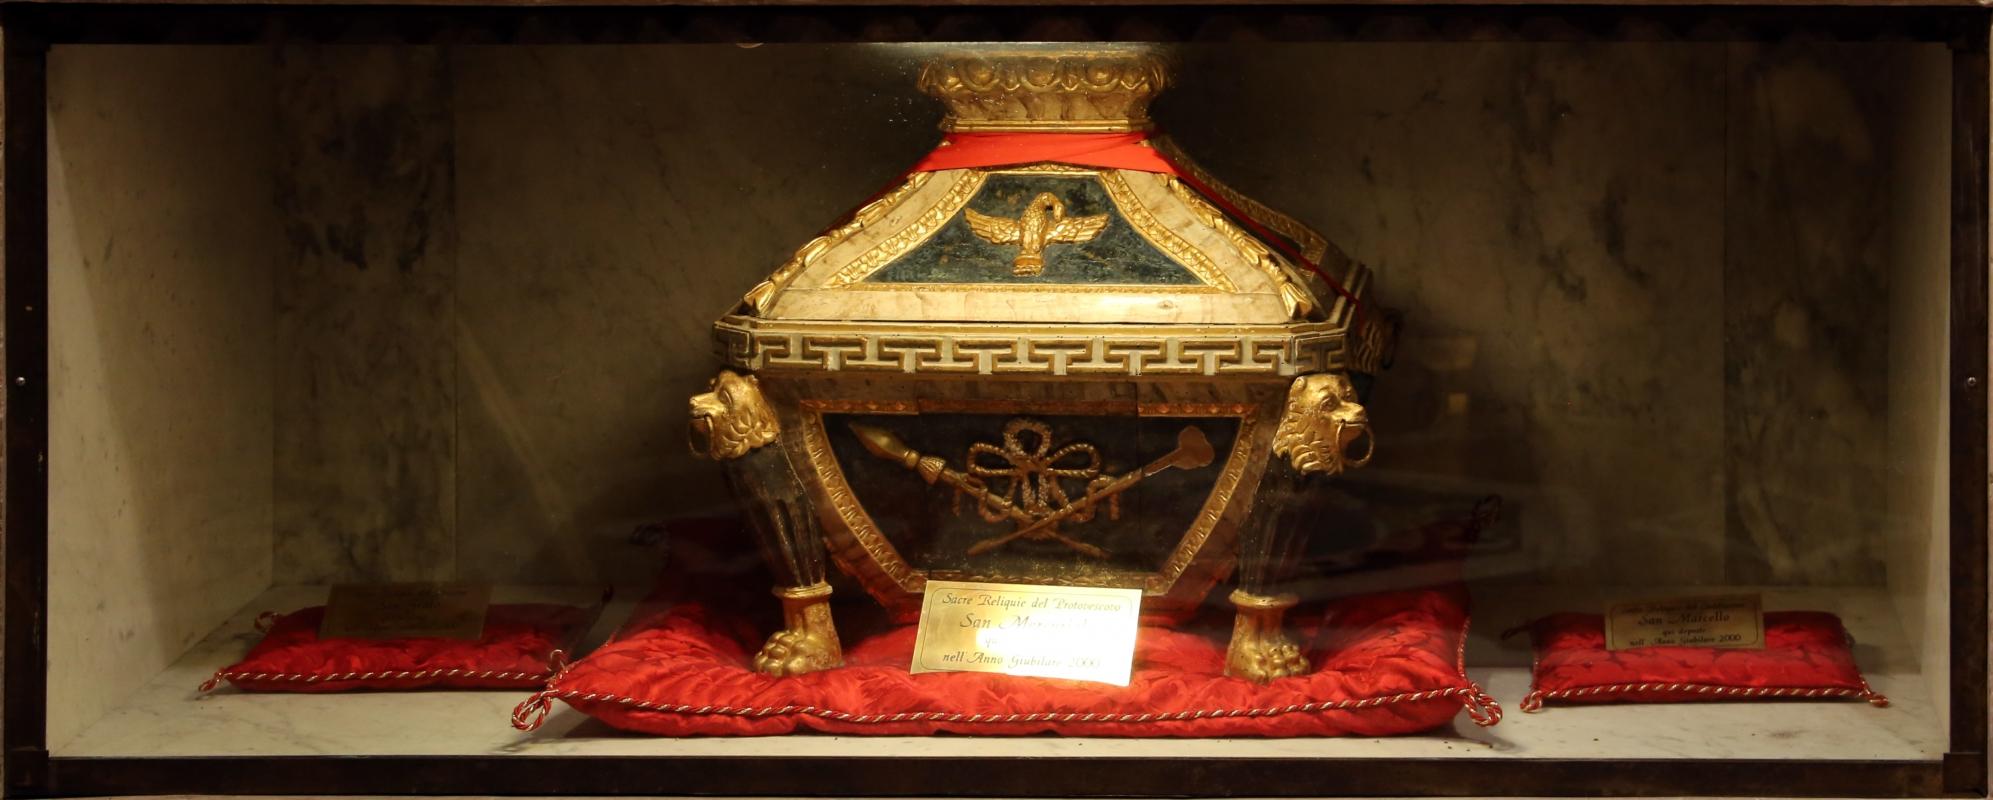 Cappella di san mercuriale, urna di san mercuriale - Sailko - Forlì (FC)